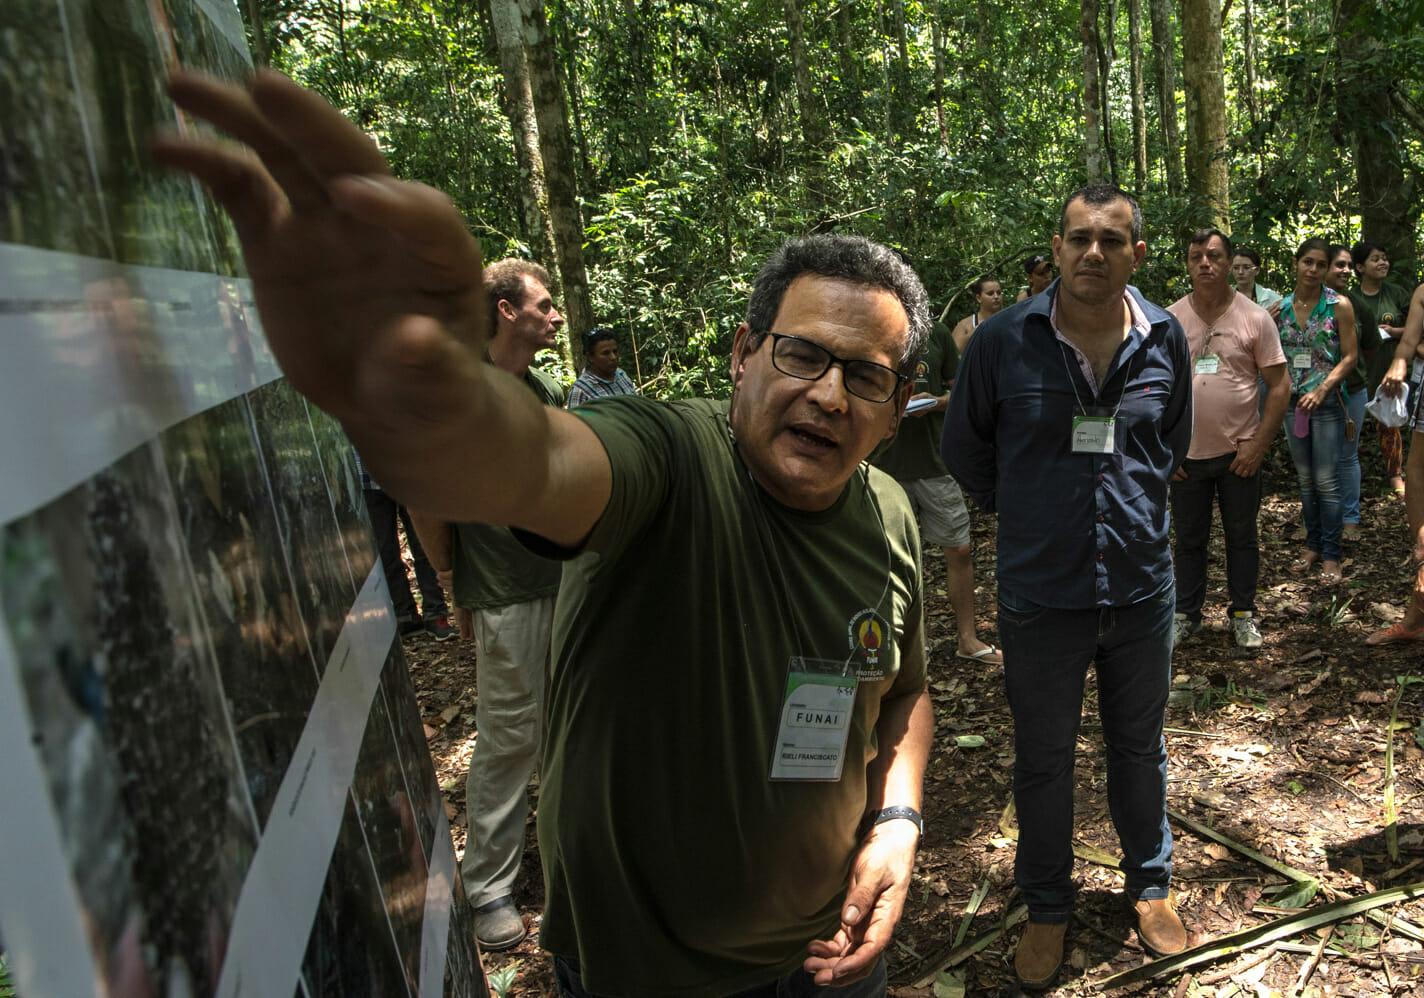 Defensor dos indígenas isolados, Rieli Franciscato morre com uma flecha no coração, em Rondônia